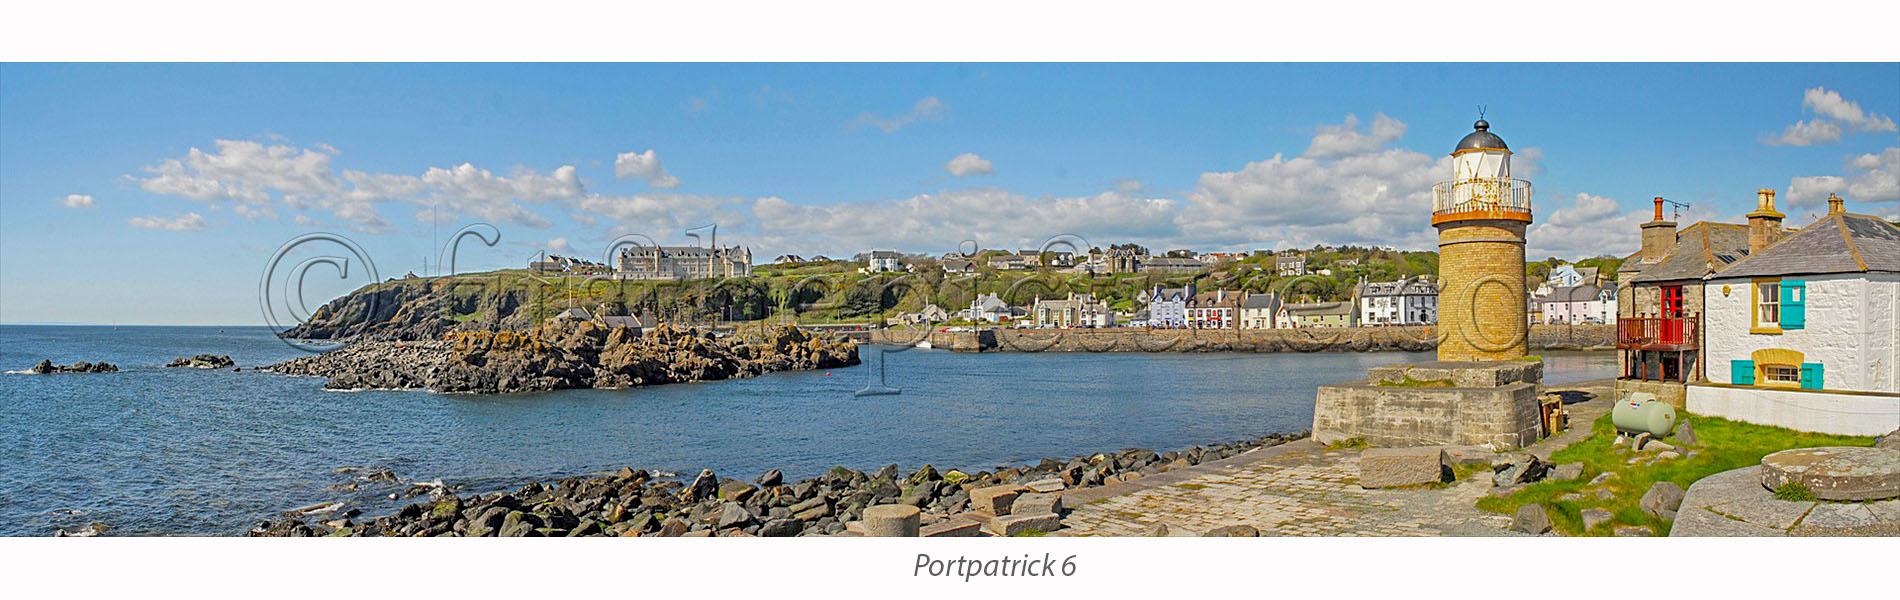 portpatrick_6.jpg